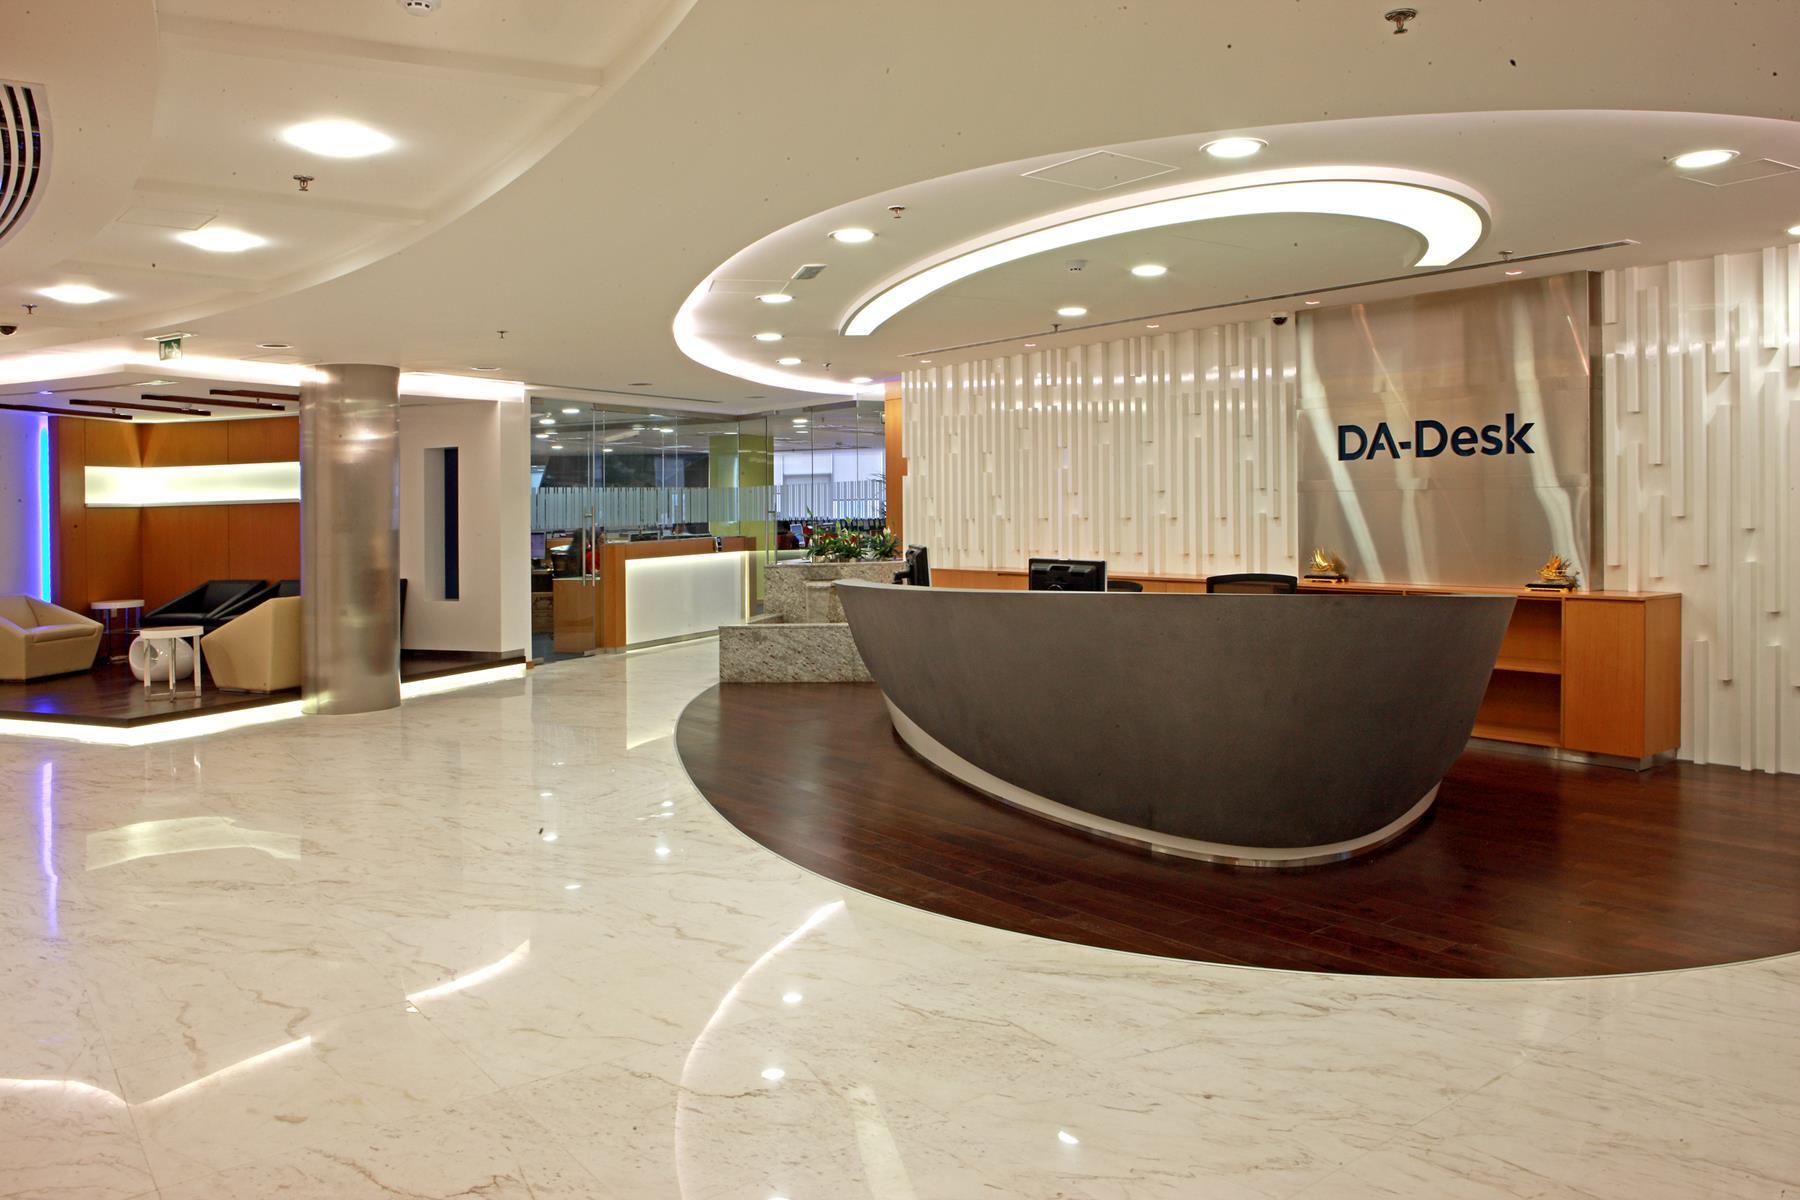 DA Desk